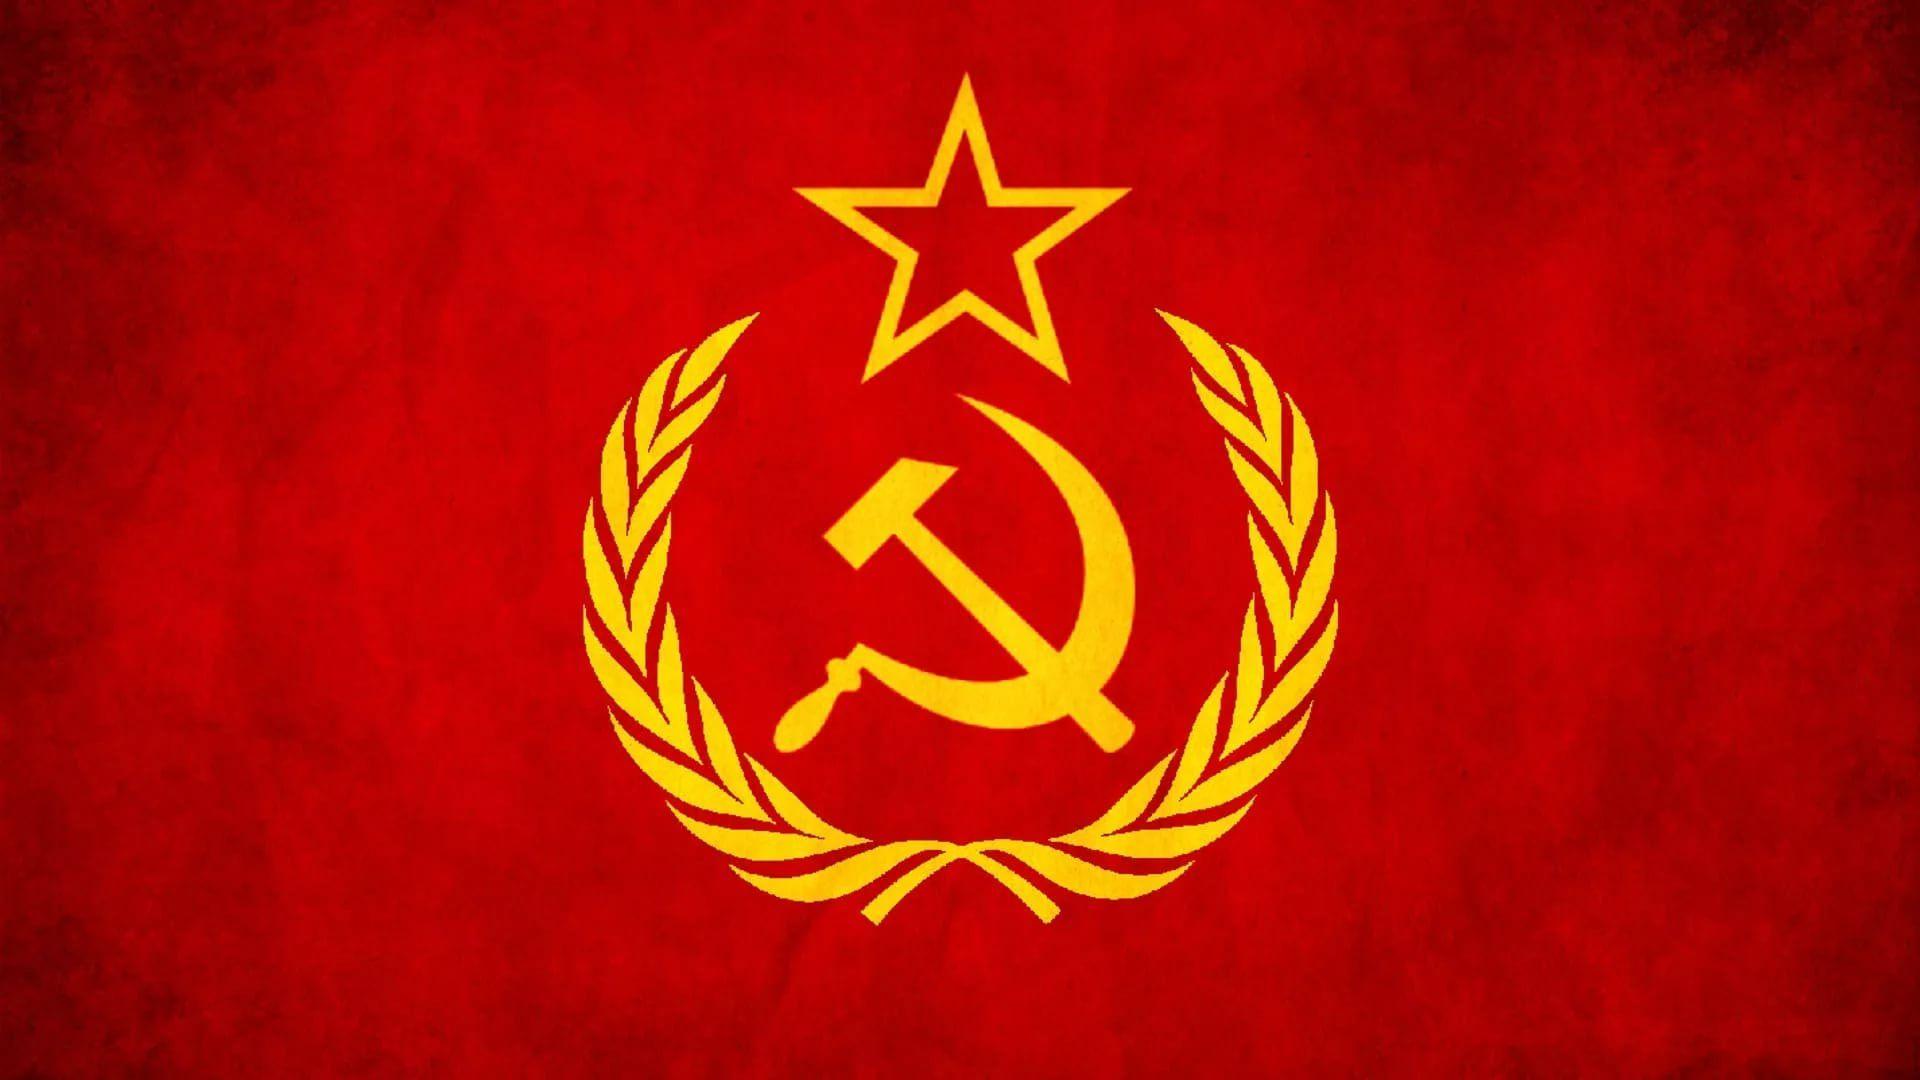 Communism 1080p Wallpaper